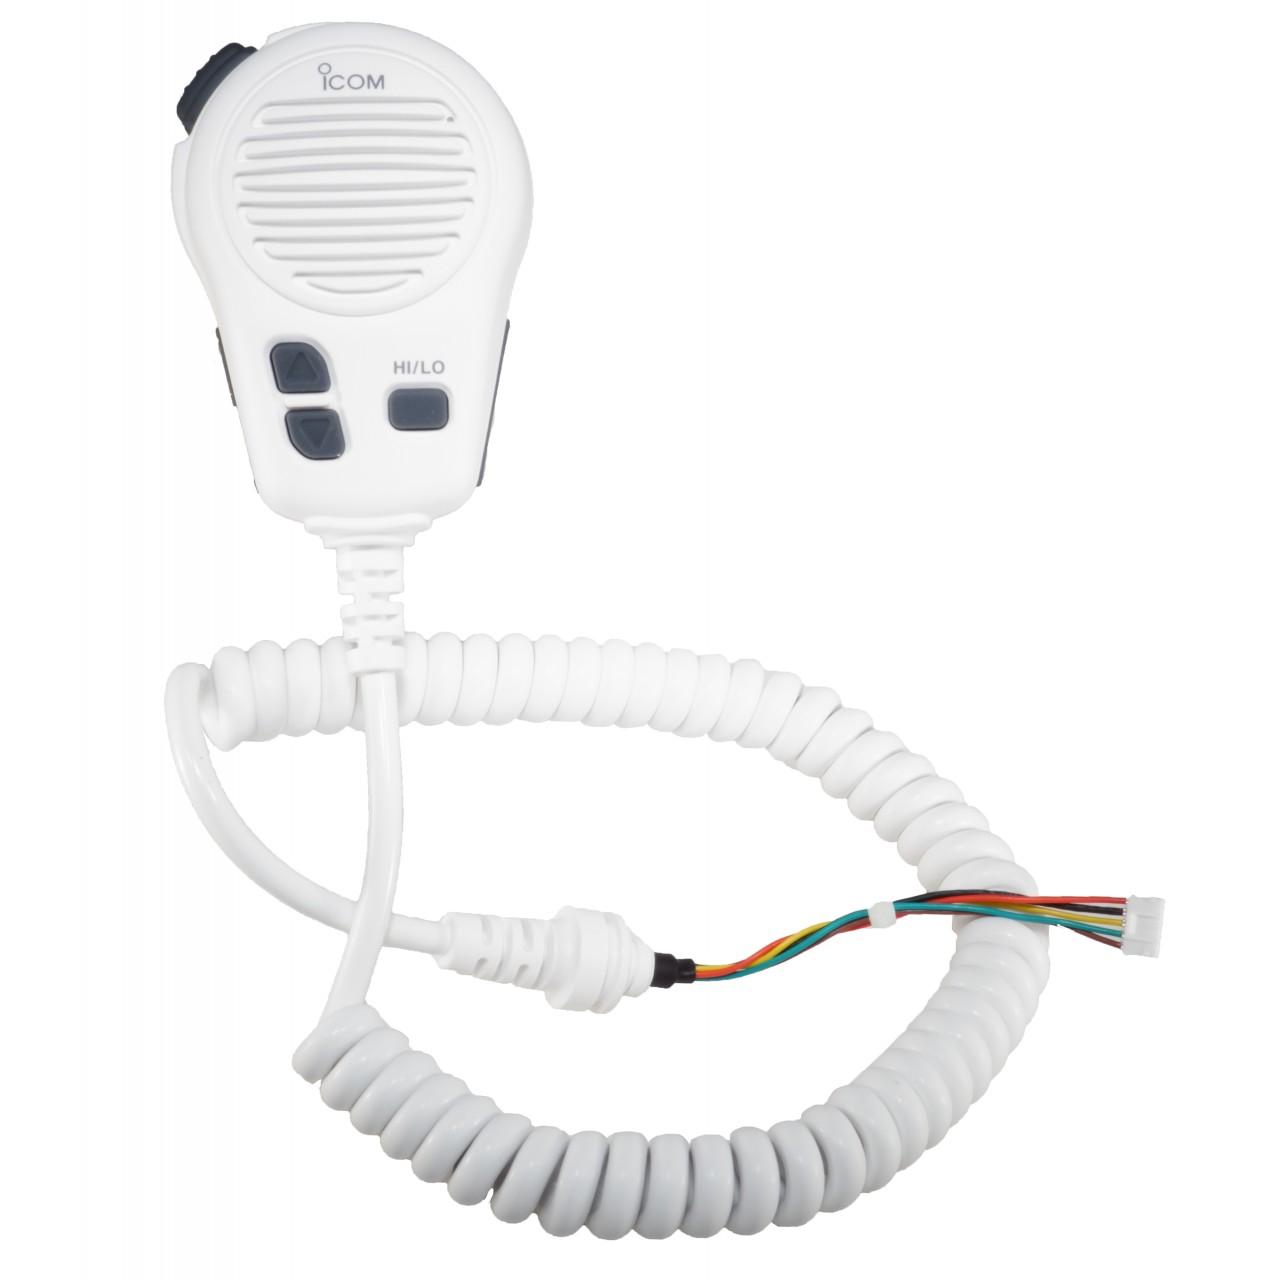 HM-200SW Microphones - ICOM